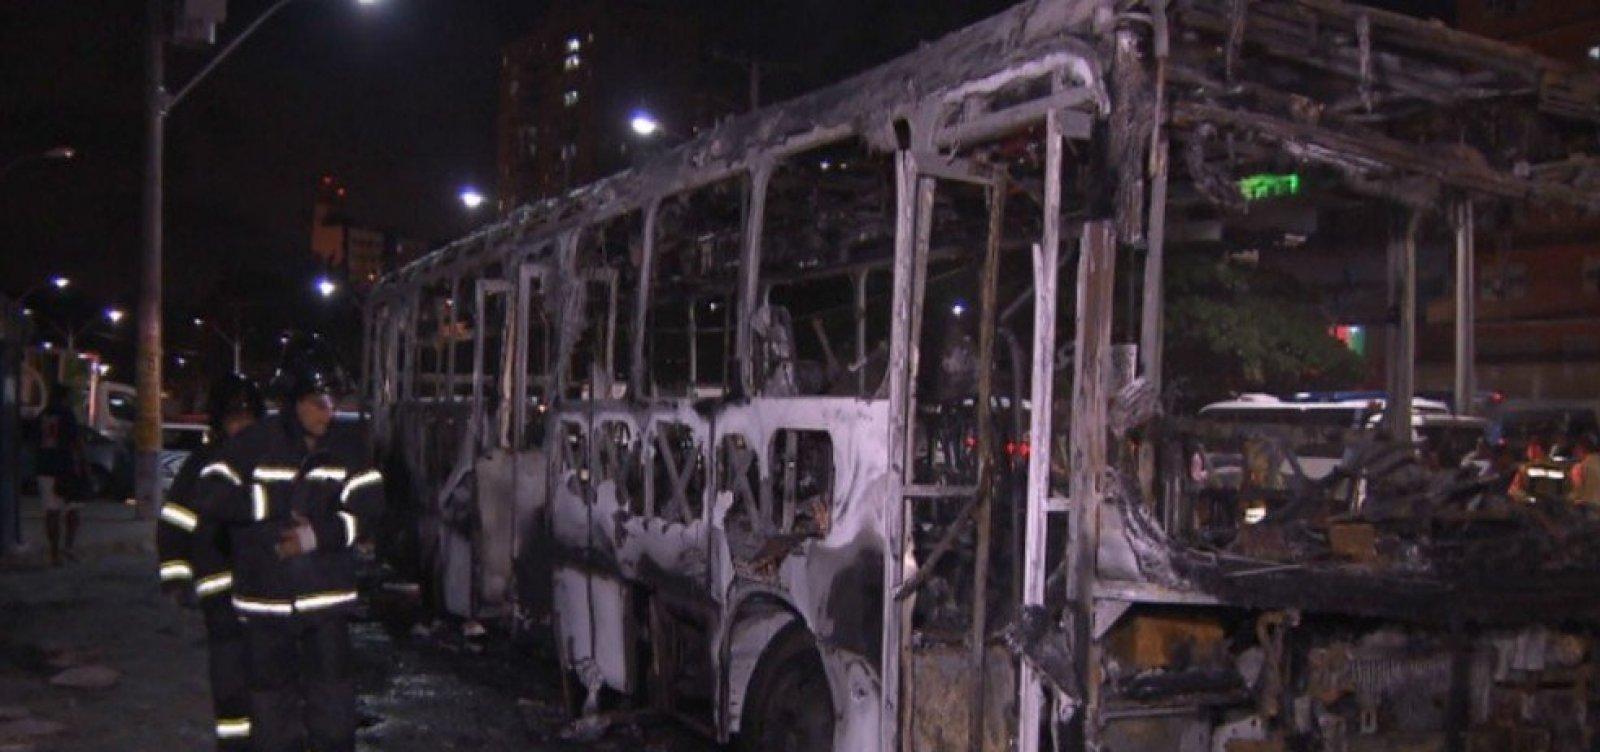 [Bandidos incendeiam ônibus no bairro das Sete Portas]